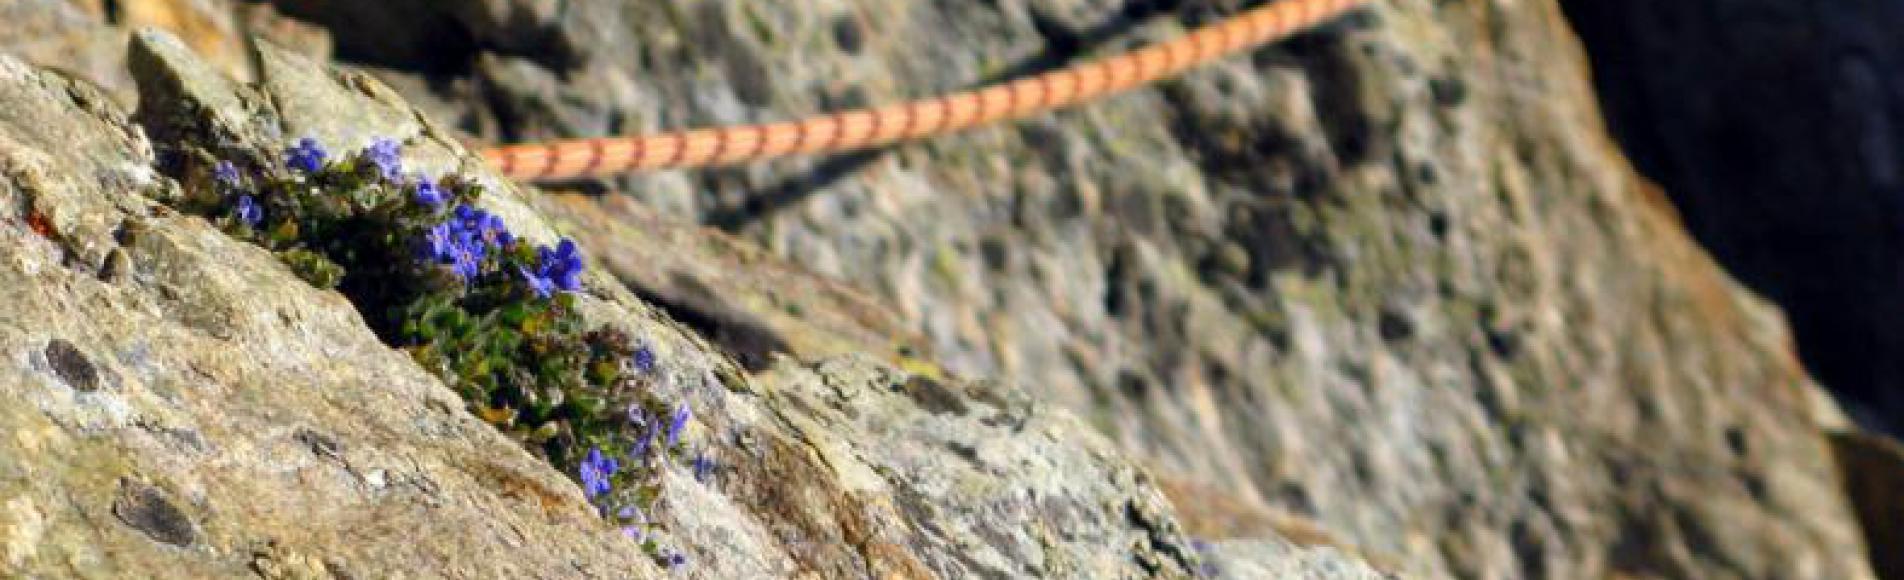 Corde et flore d'altitude - © S.Ibanez - Ecologie verticale - LECA-PNE